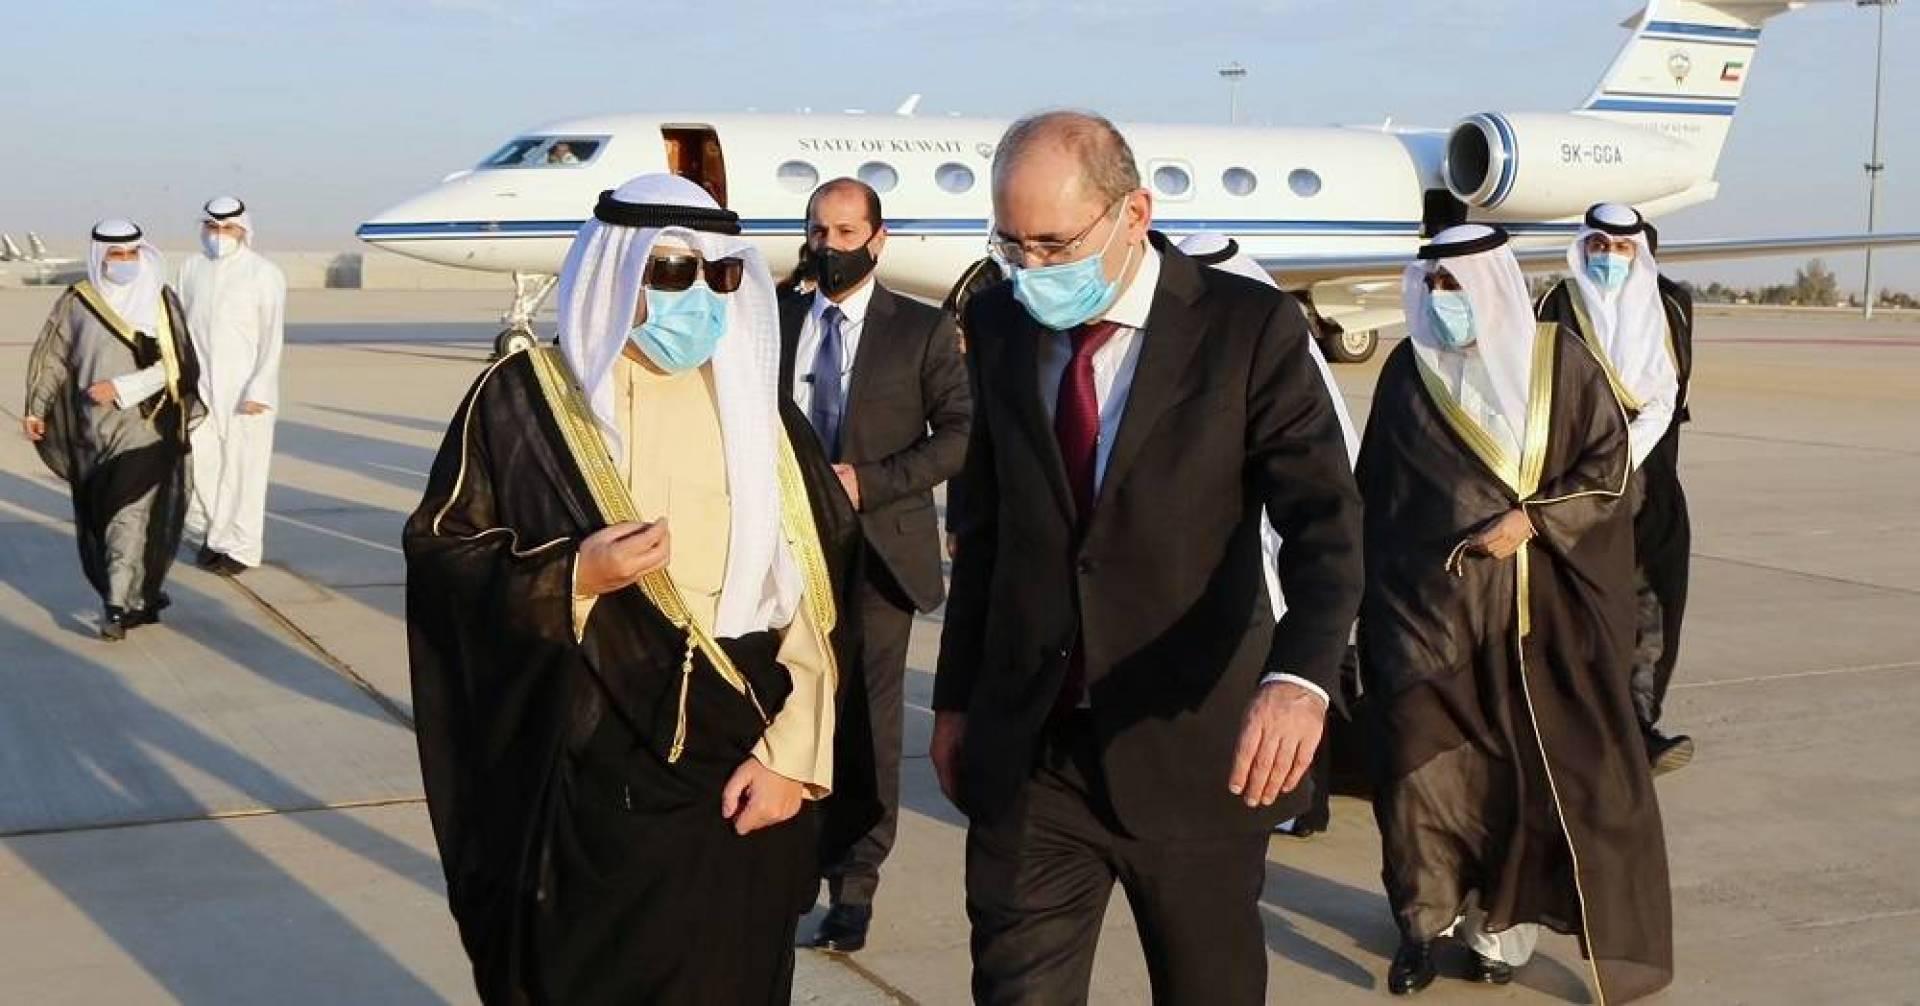 مبعوث سمو الأمير يصل إلى الأردن: تنسيق وتشاور حول العديد من القضايا